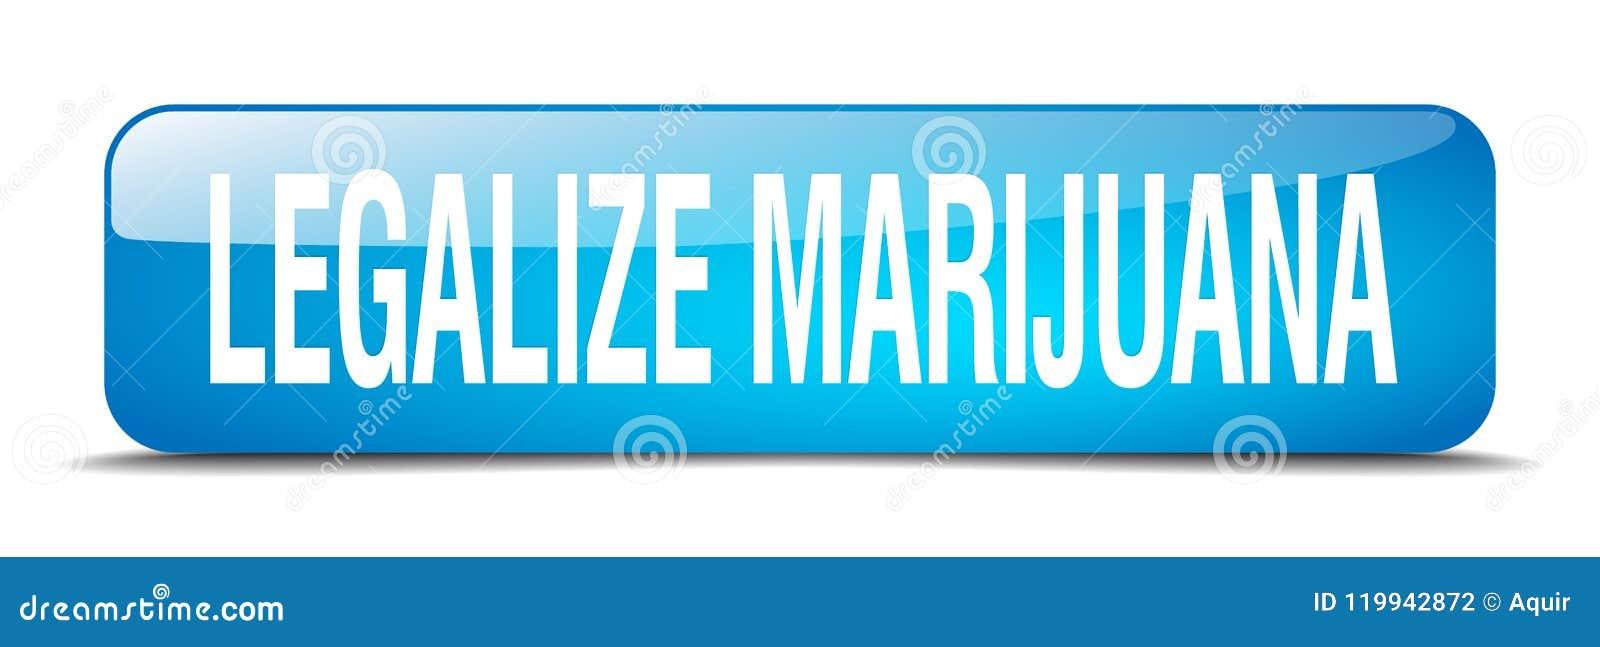 Legalice el botón de la marijuana